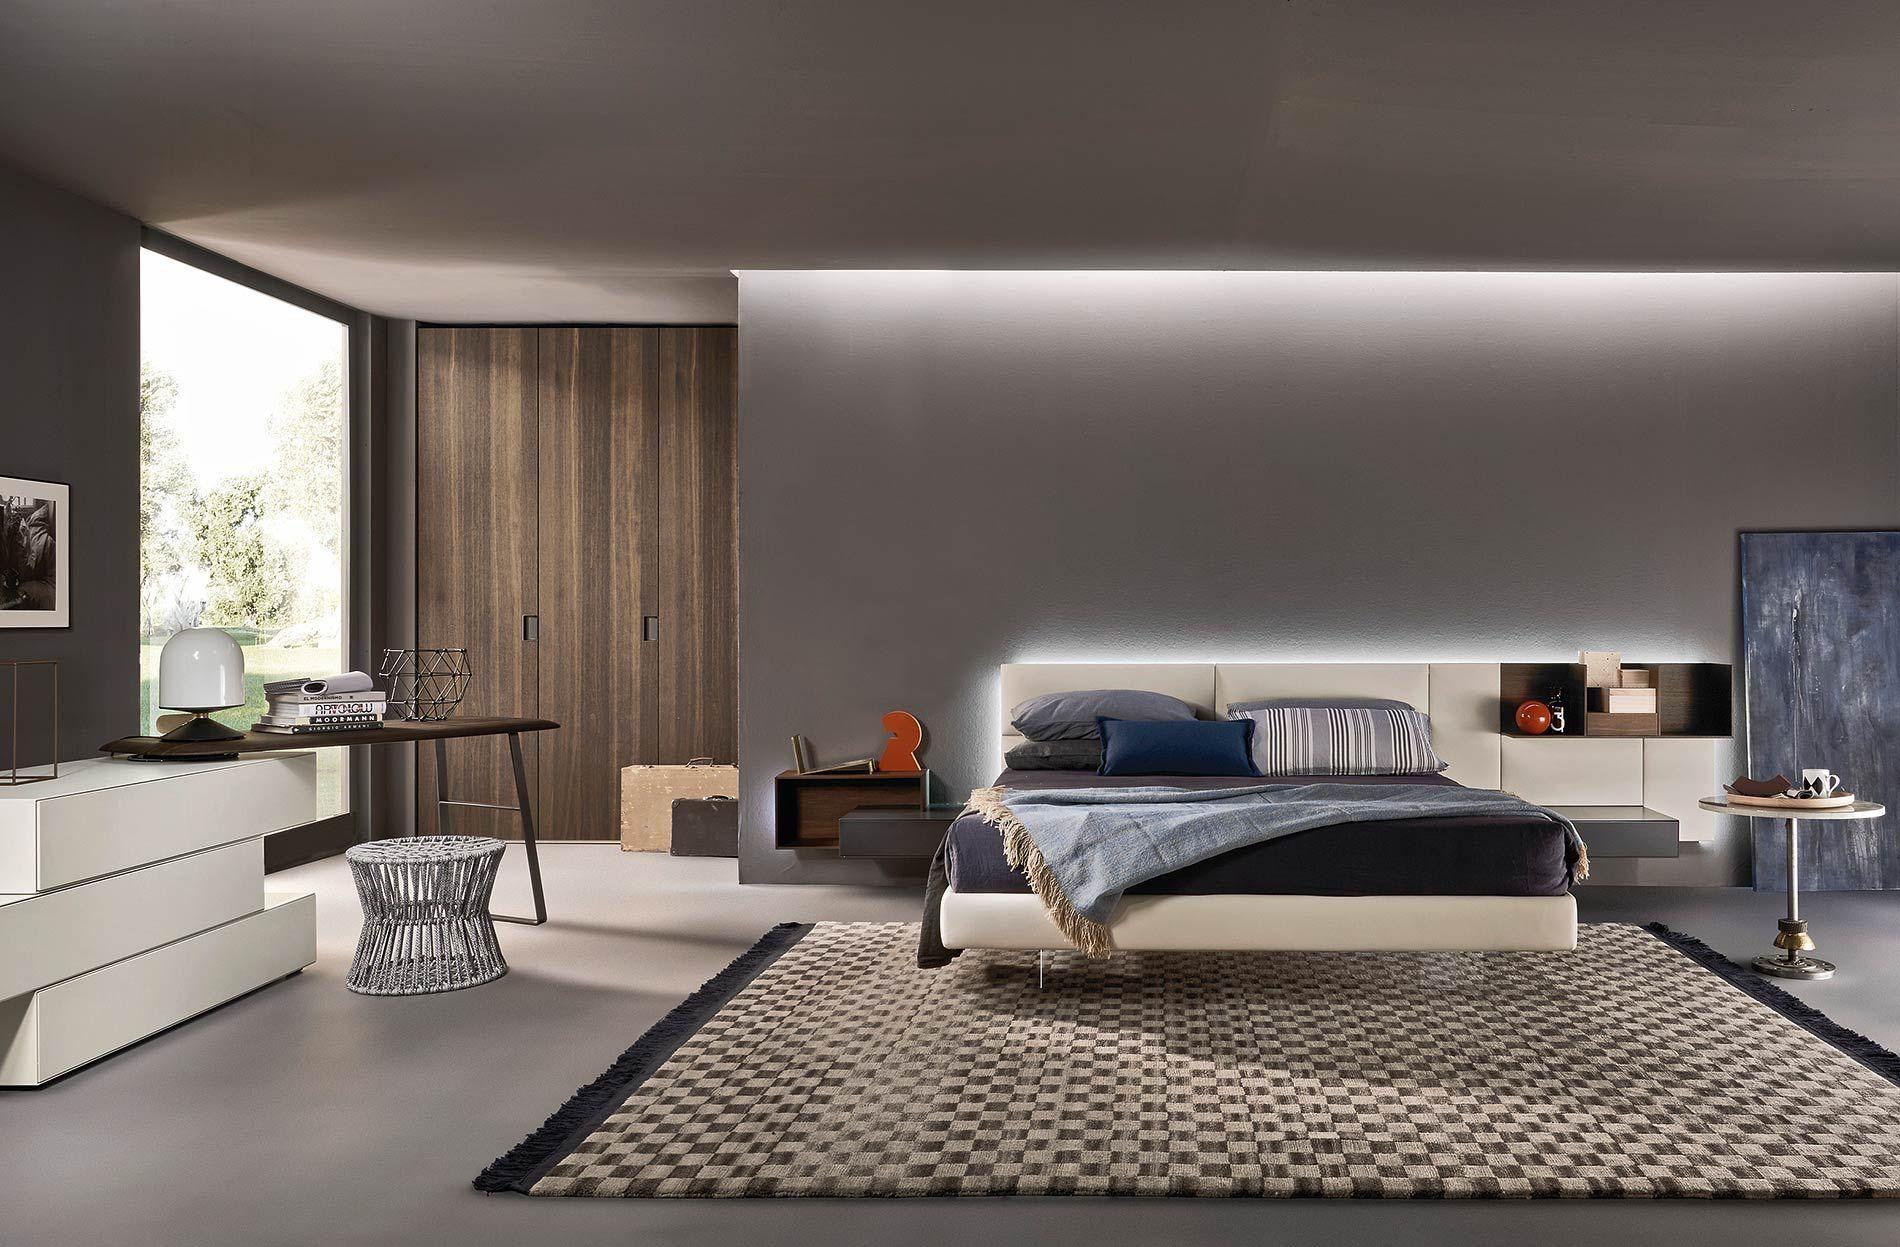 modernes schlafzimmer von livitalia mit schwebendem bett und design kommode mit schminktisch. Black Bedroom Furniture Sets. Home Design Ideas